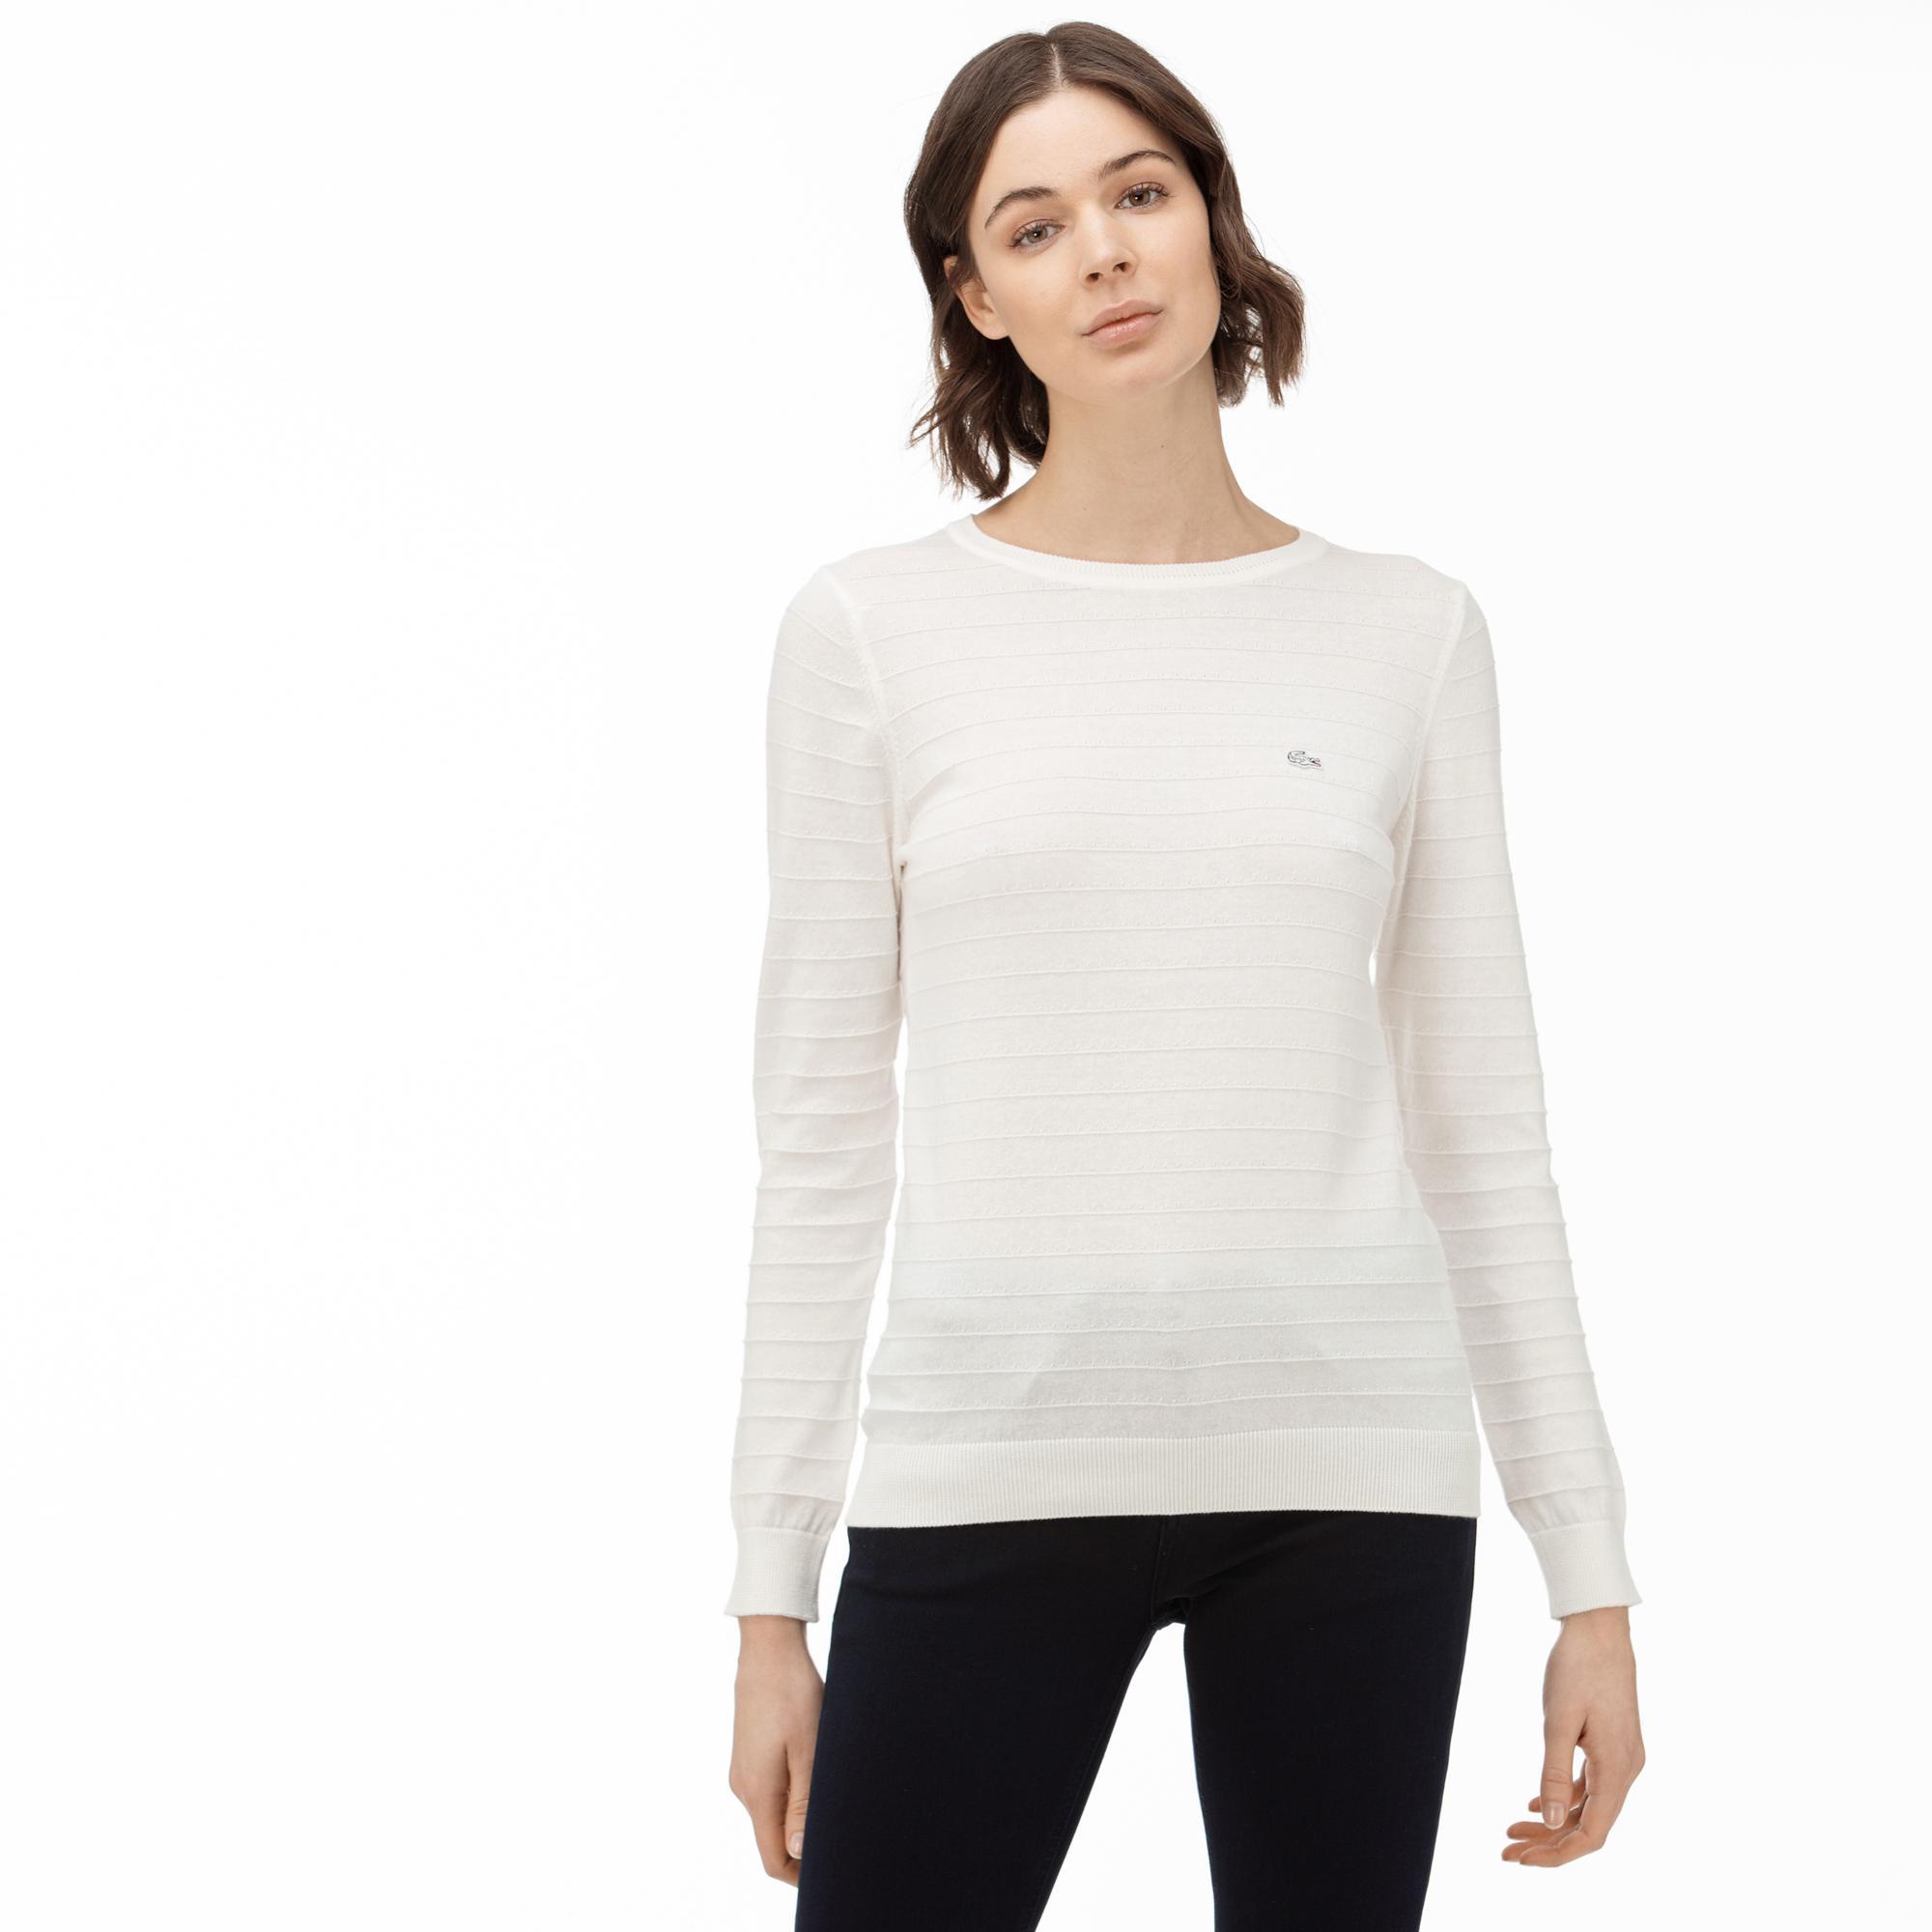 Lacoste Damski Trykotowy Sweter Z Okrągłym Wycięciem Pod Szyją